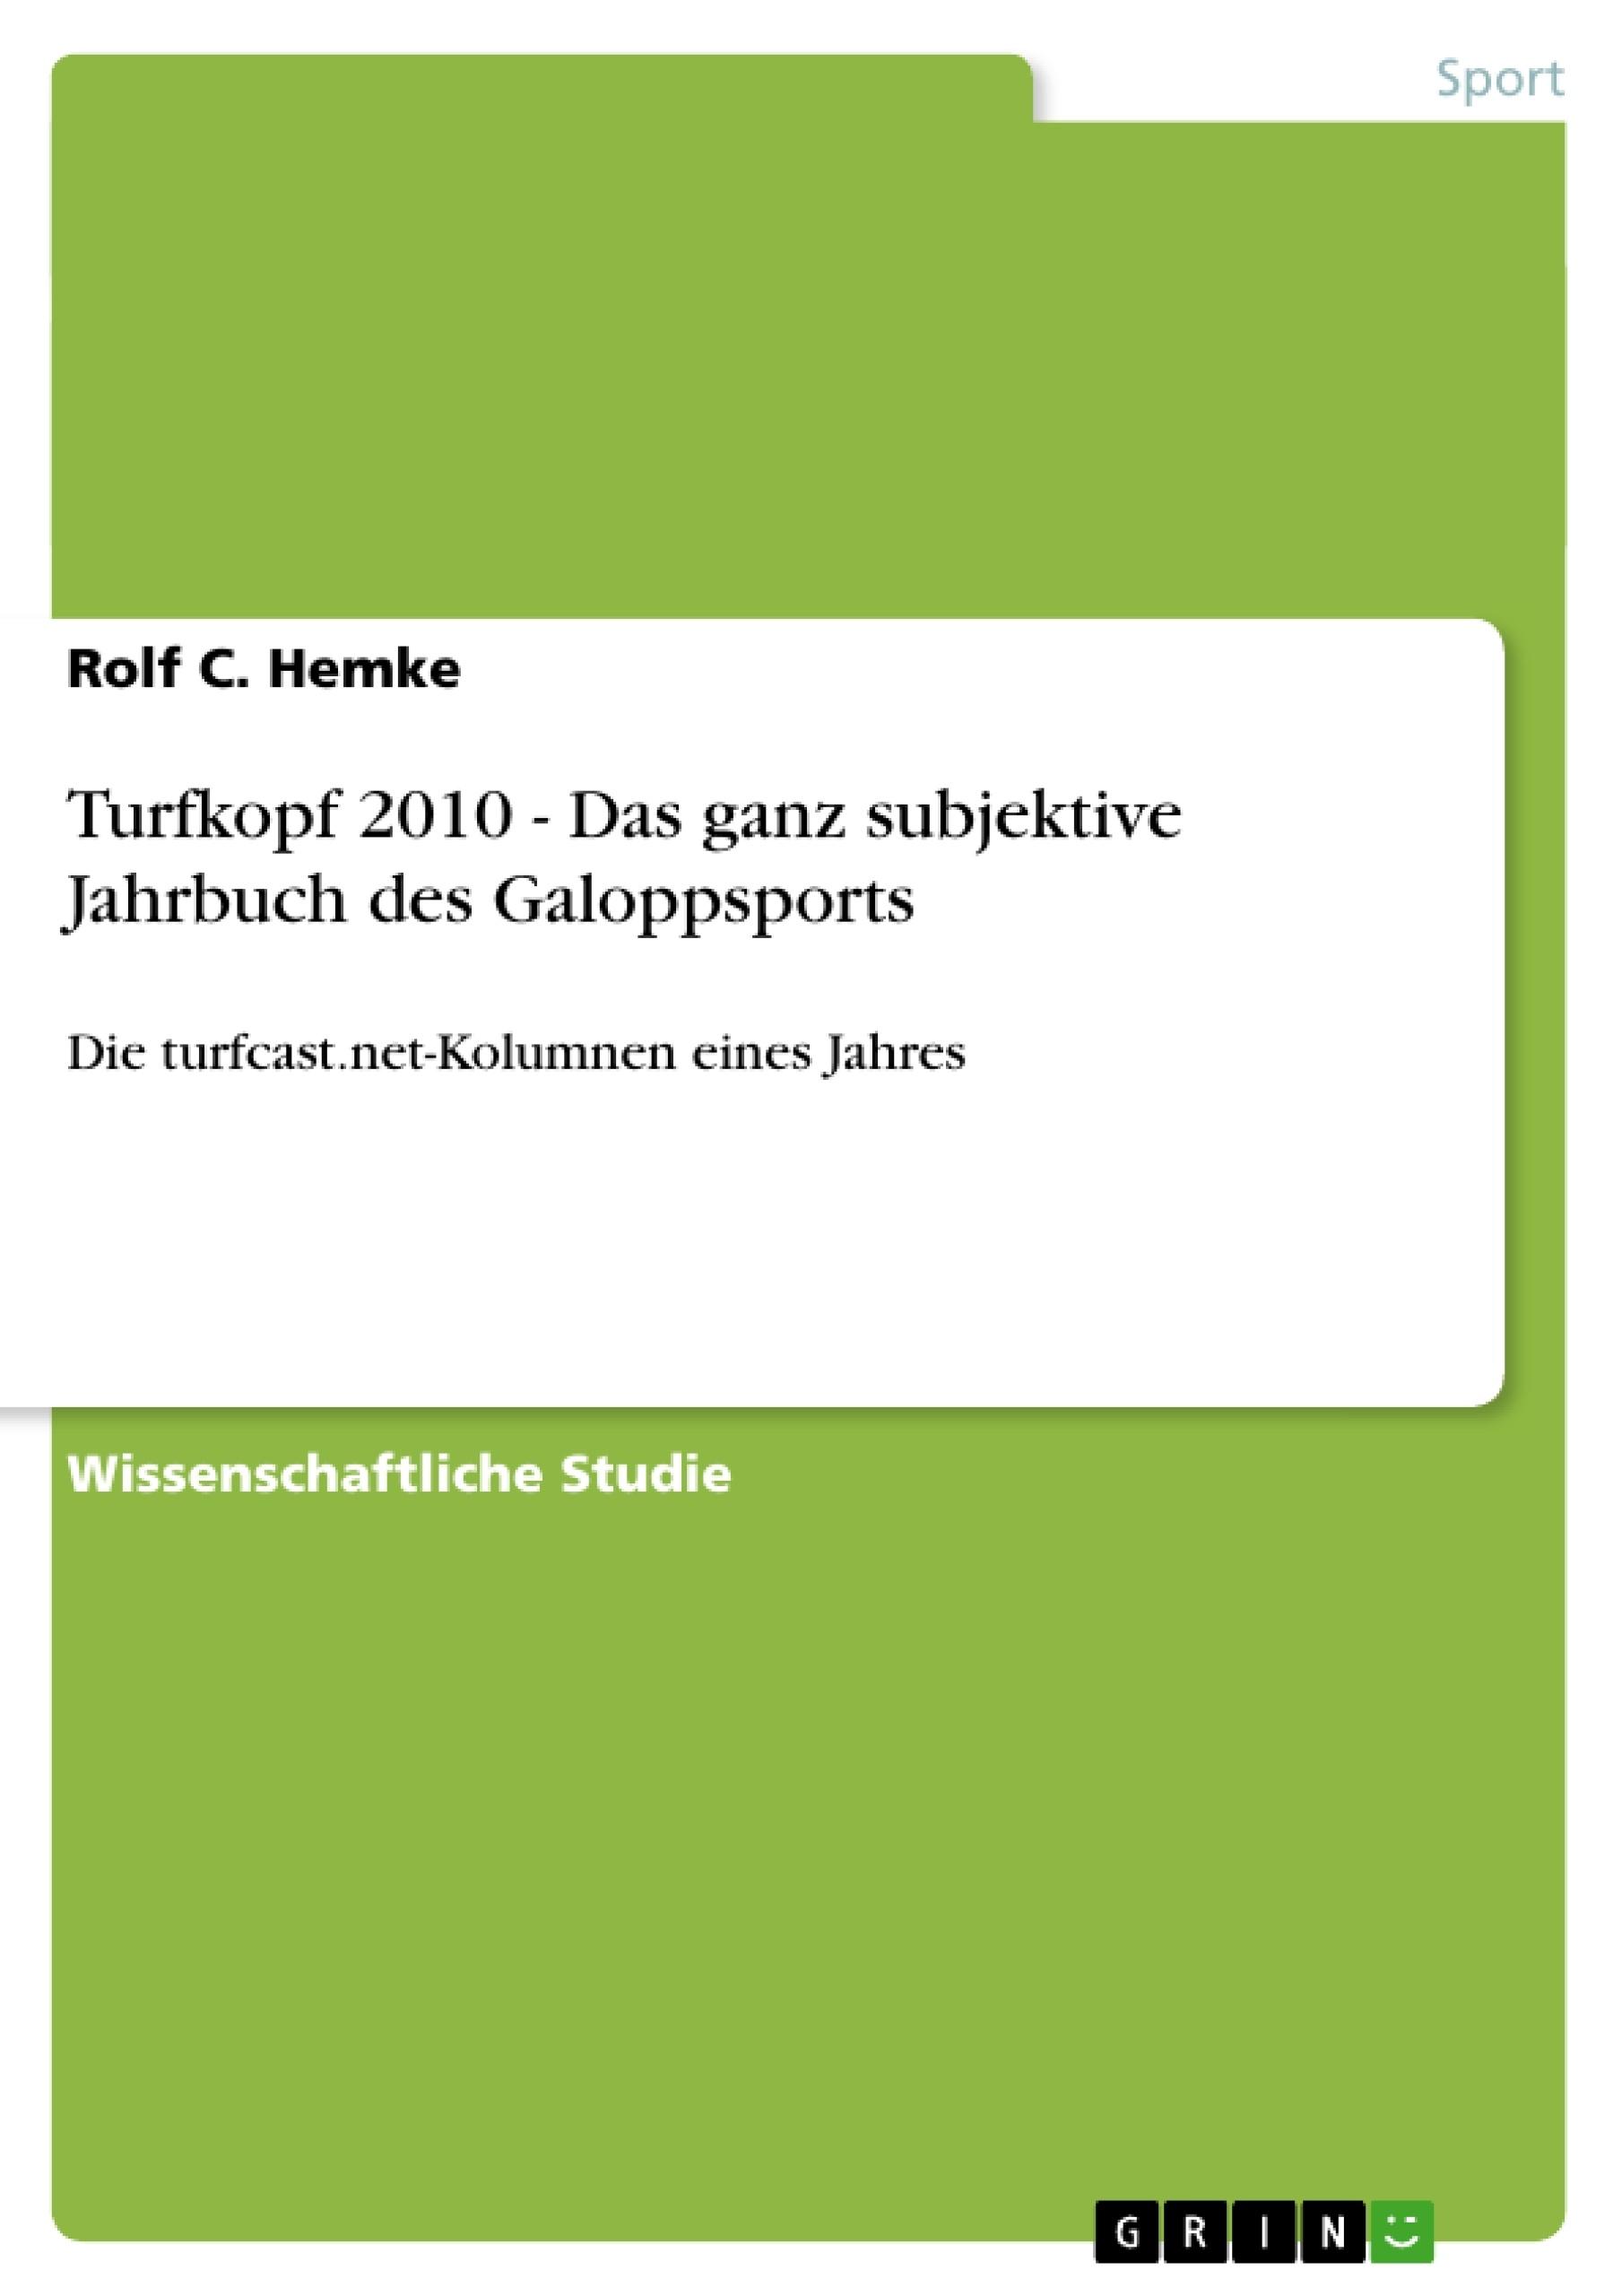 Titel: Turfkopf 2010 - Das ganz subjektive Jahrbuch des Galoppsports